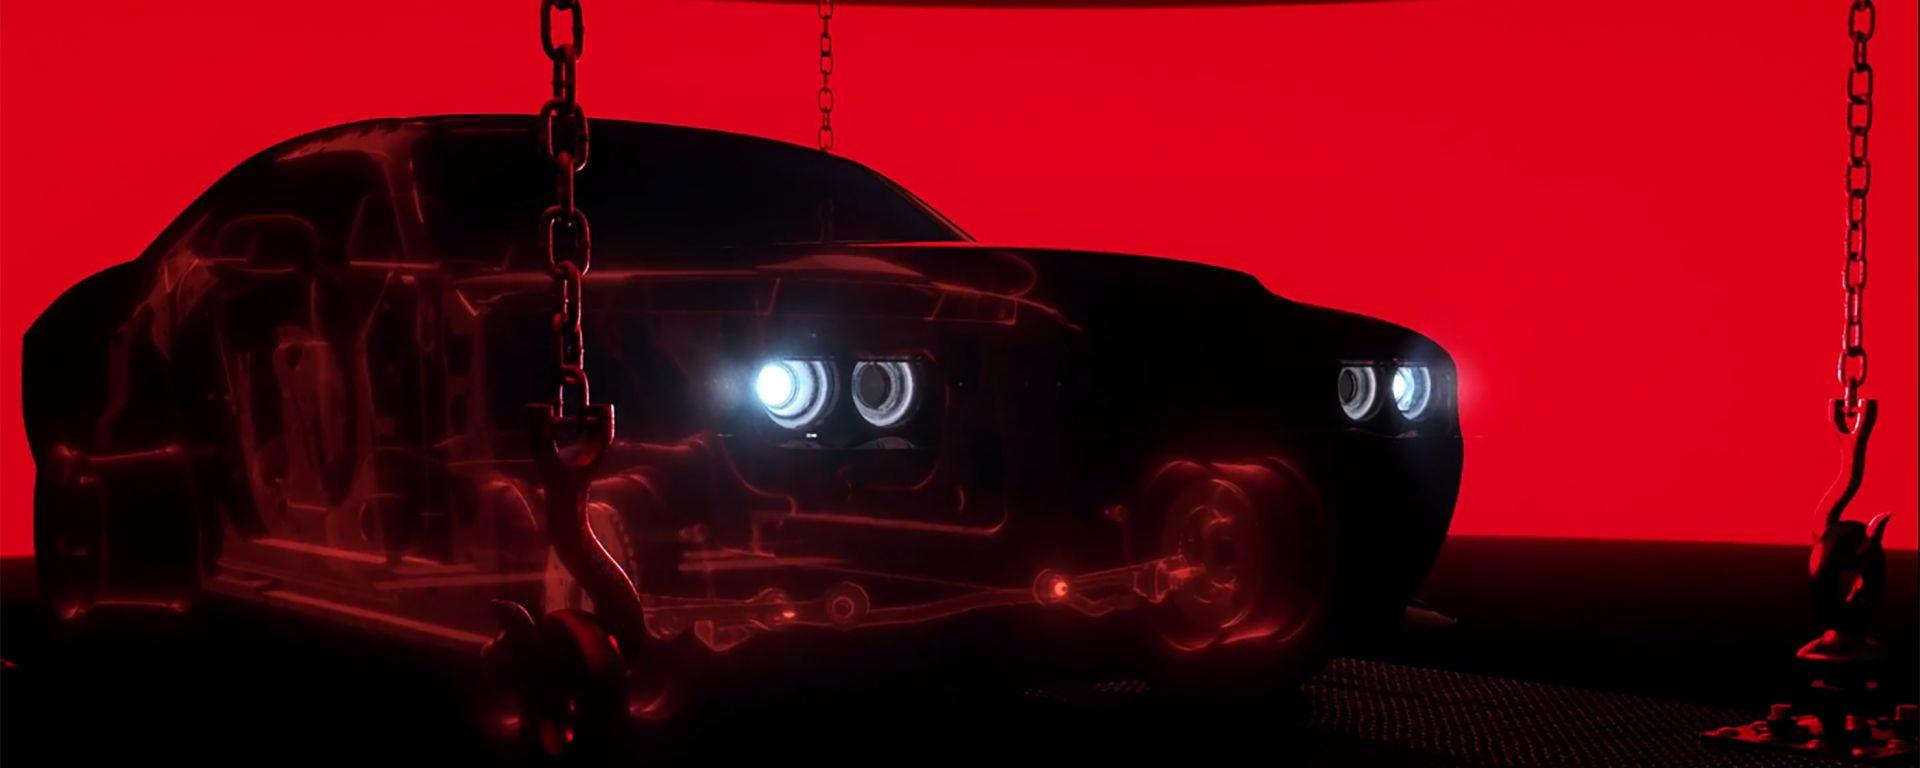 Col nuovo teaser si possono intuire le forme della Dodge Challenger SRT Demon